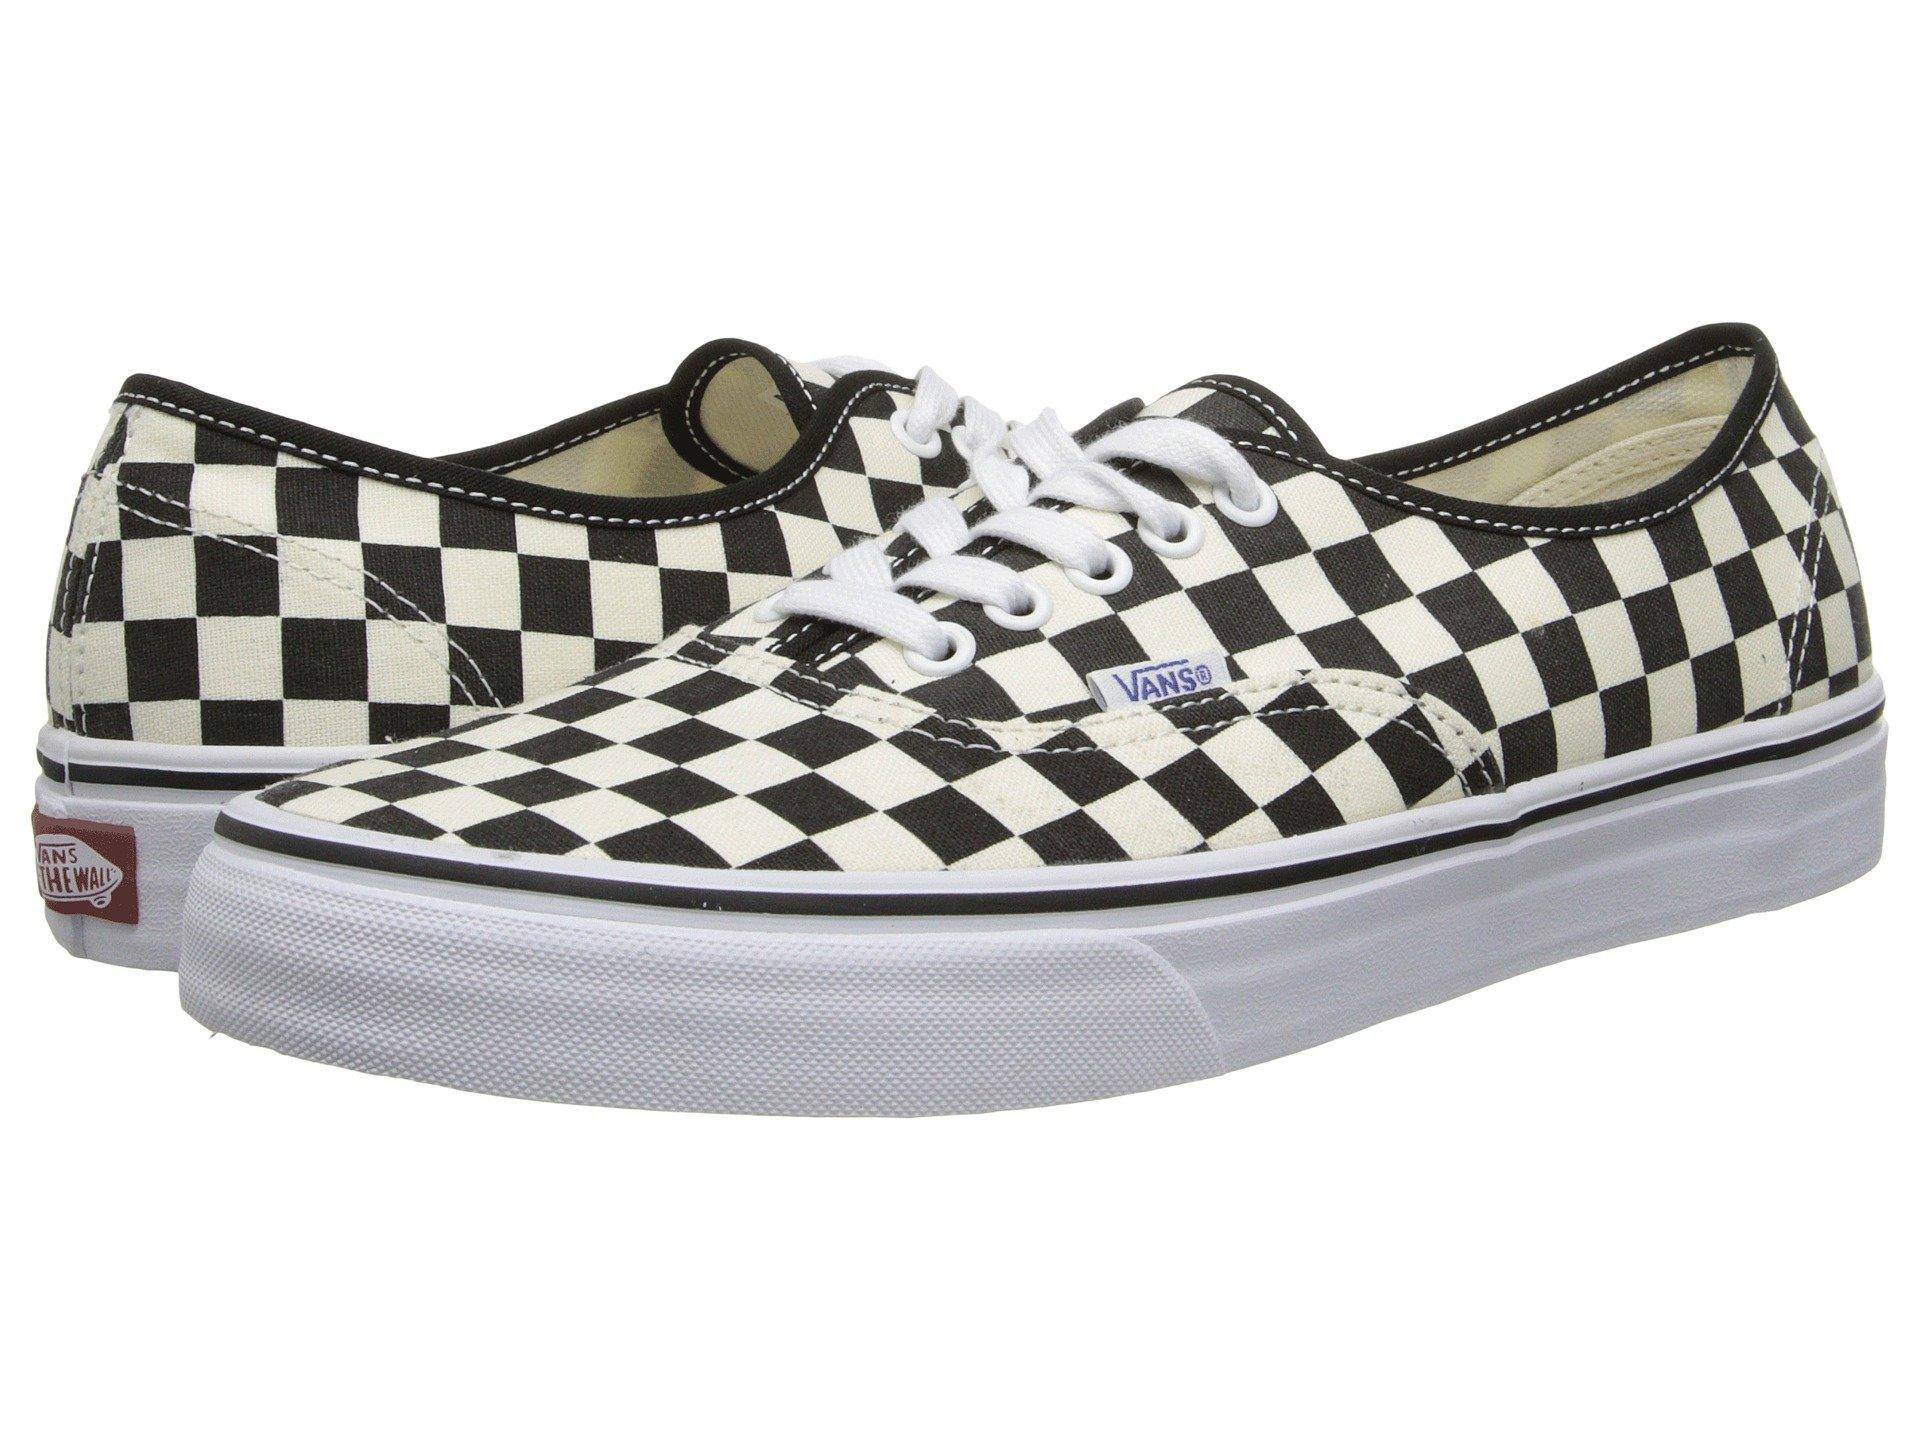 b12dbf4ca4b463 (order) Vans (vans) sneakers authentic men Vans Men s Authentic (Golden  Coast) Black White Checker